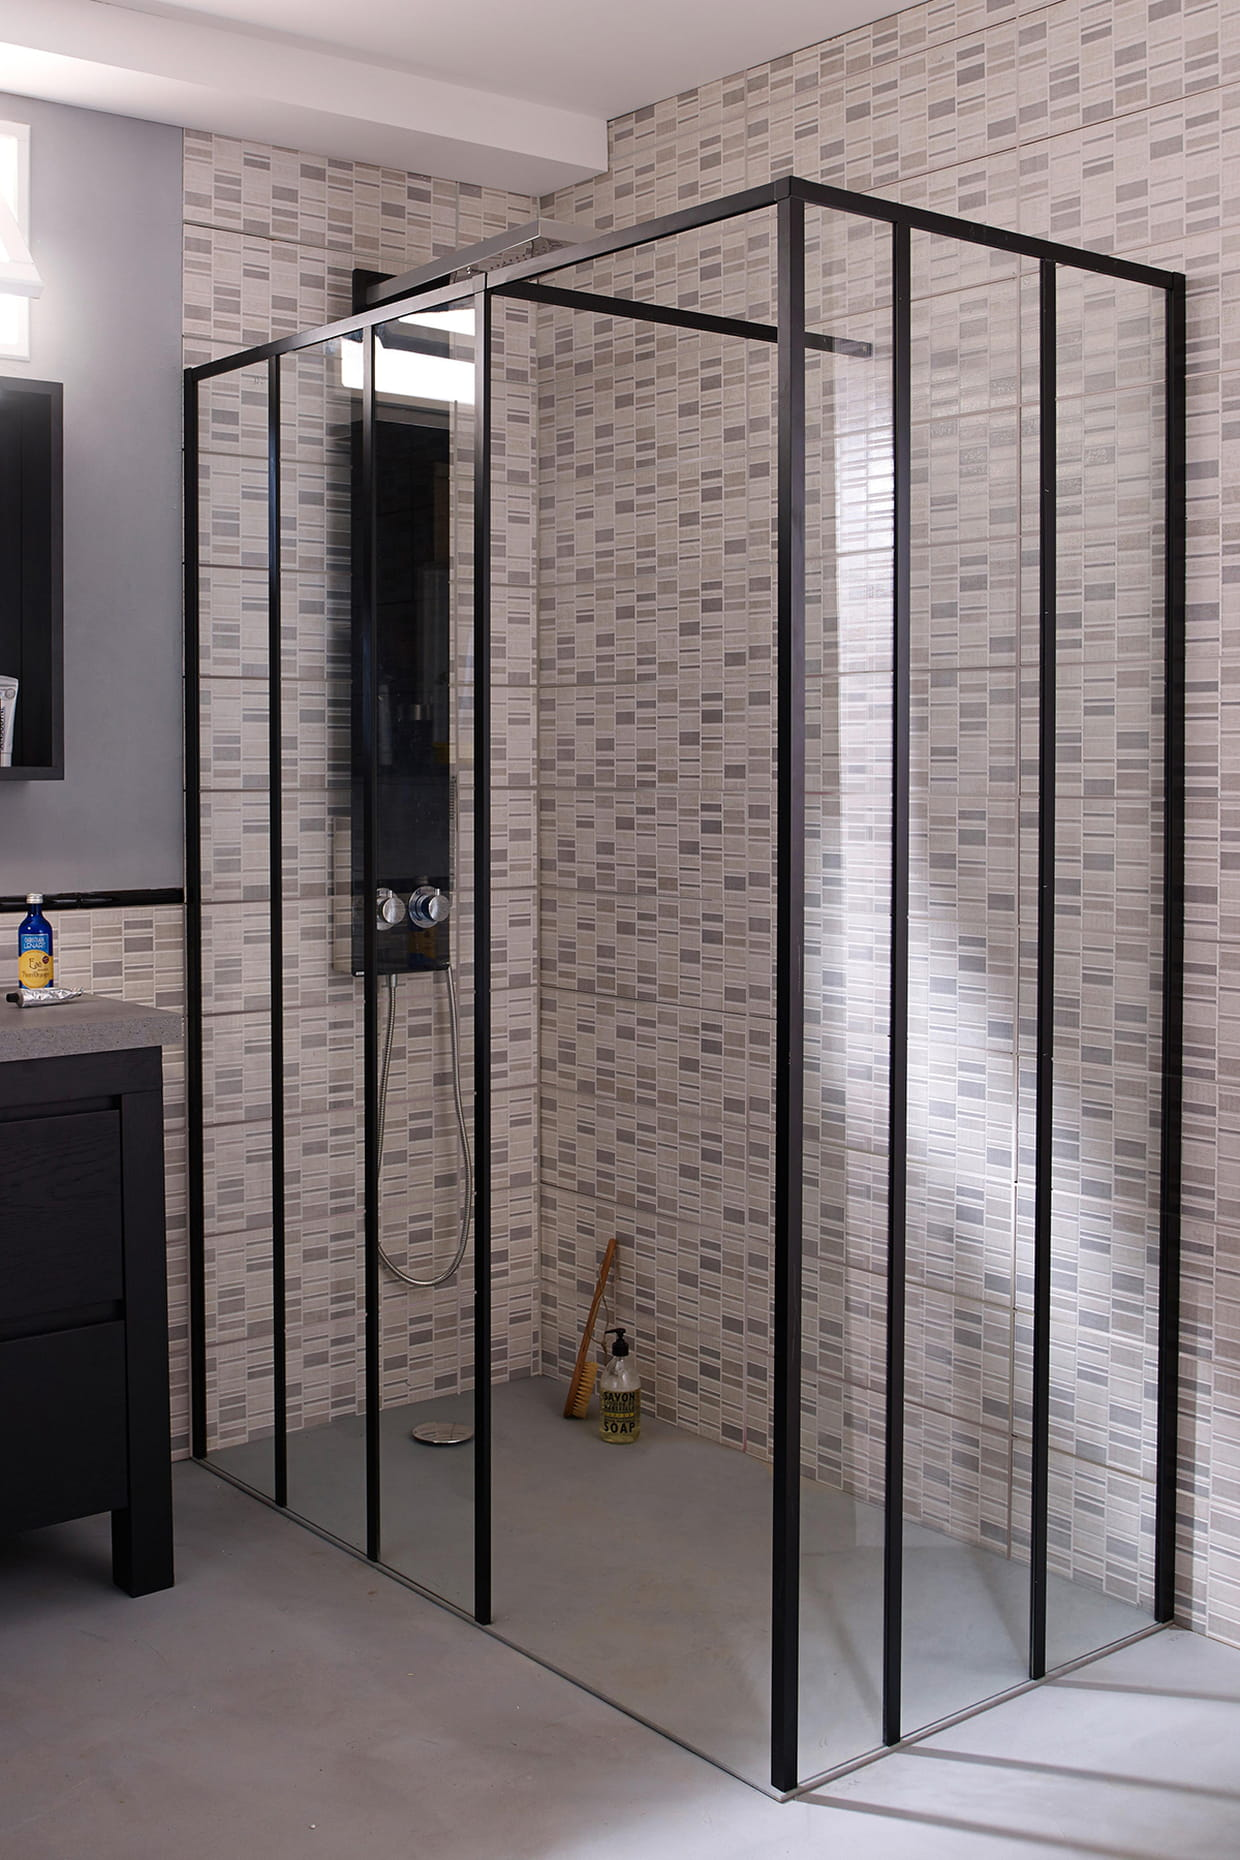 Une douche l 39 italienne industrielle - Realisation d une douche a l italienne ...